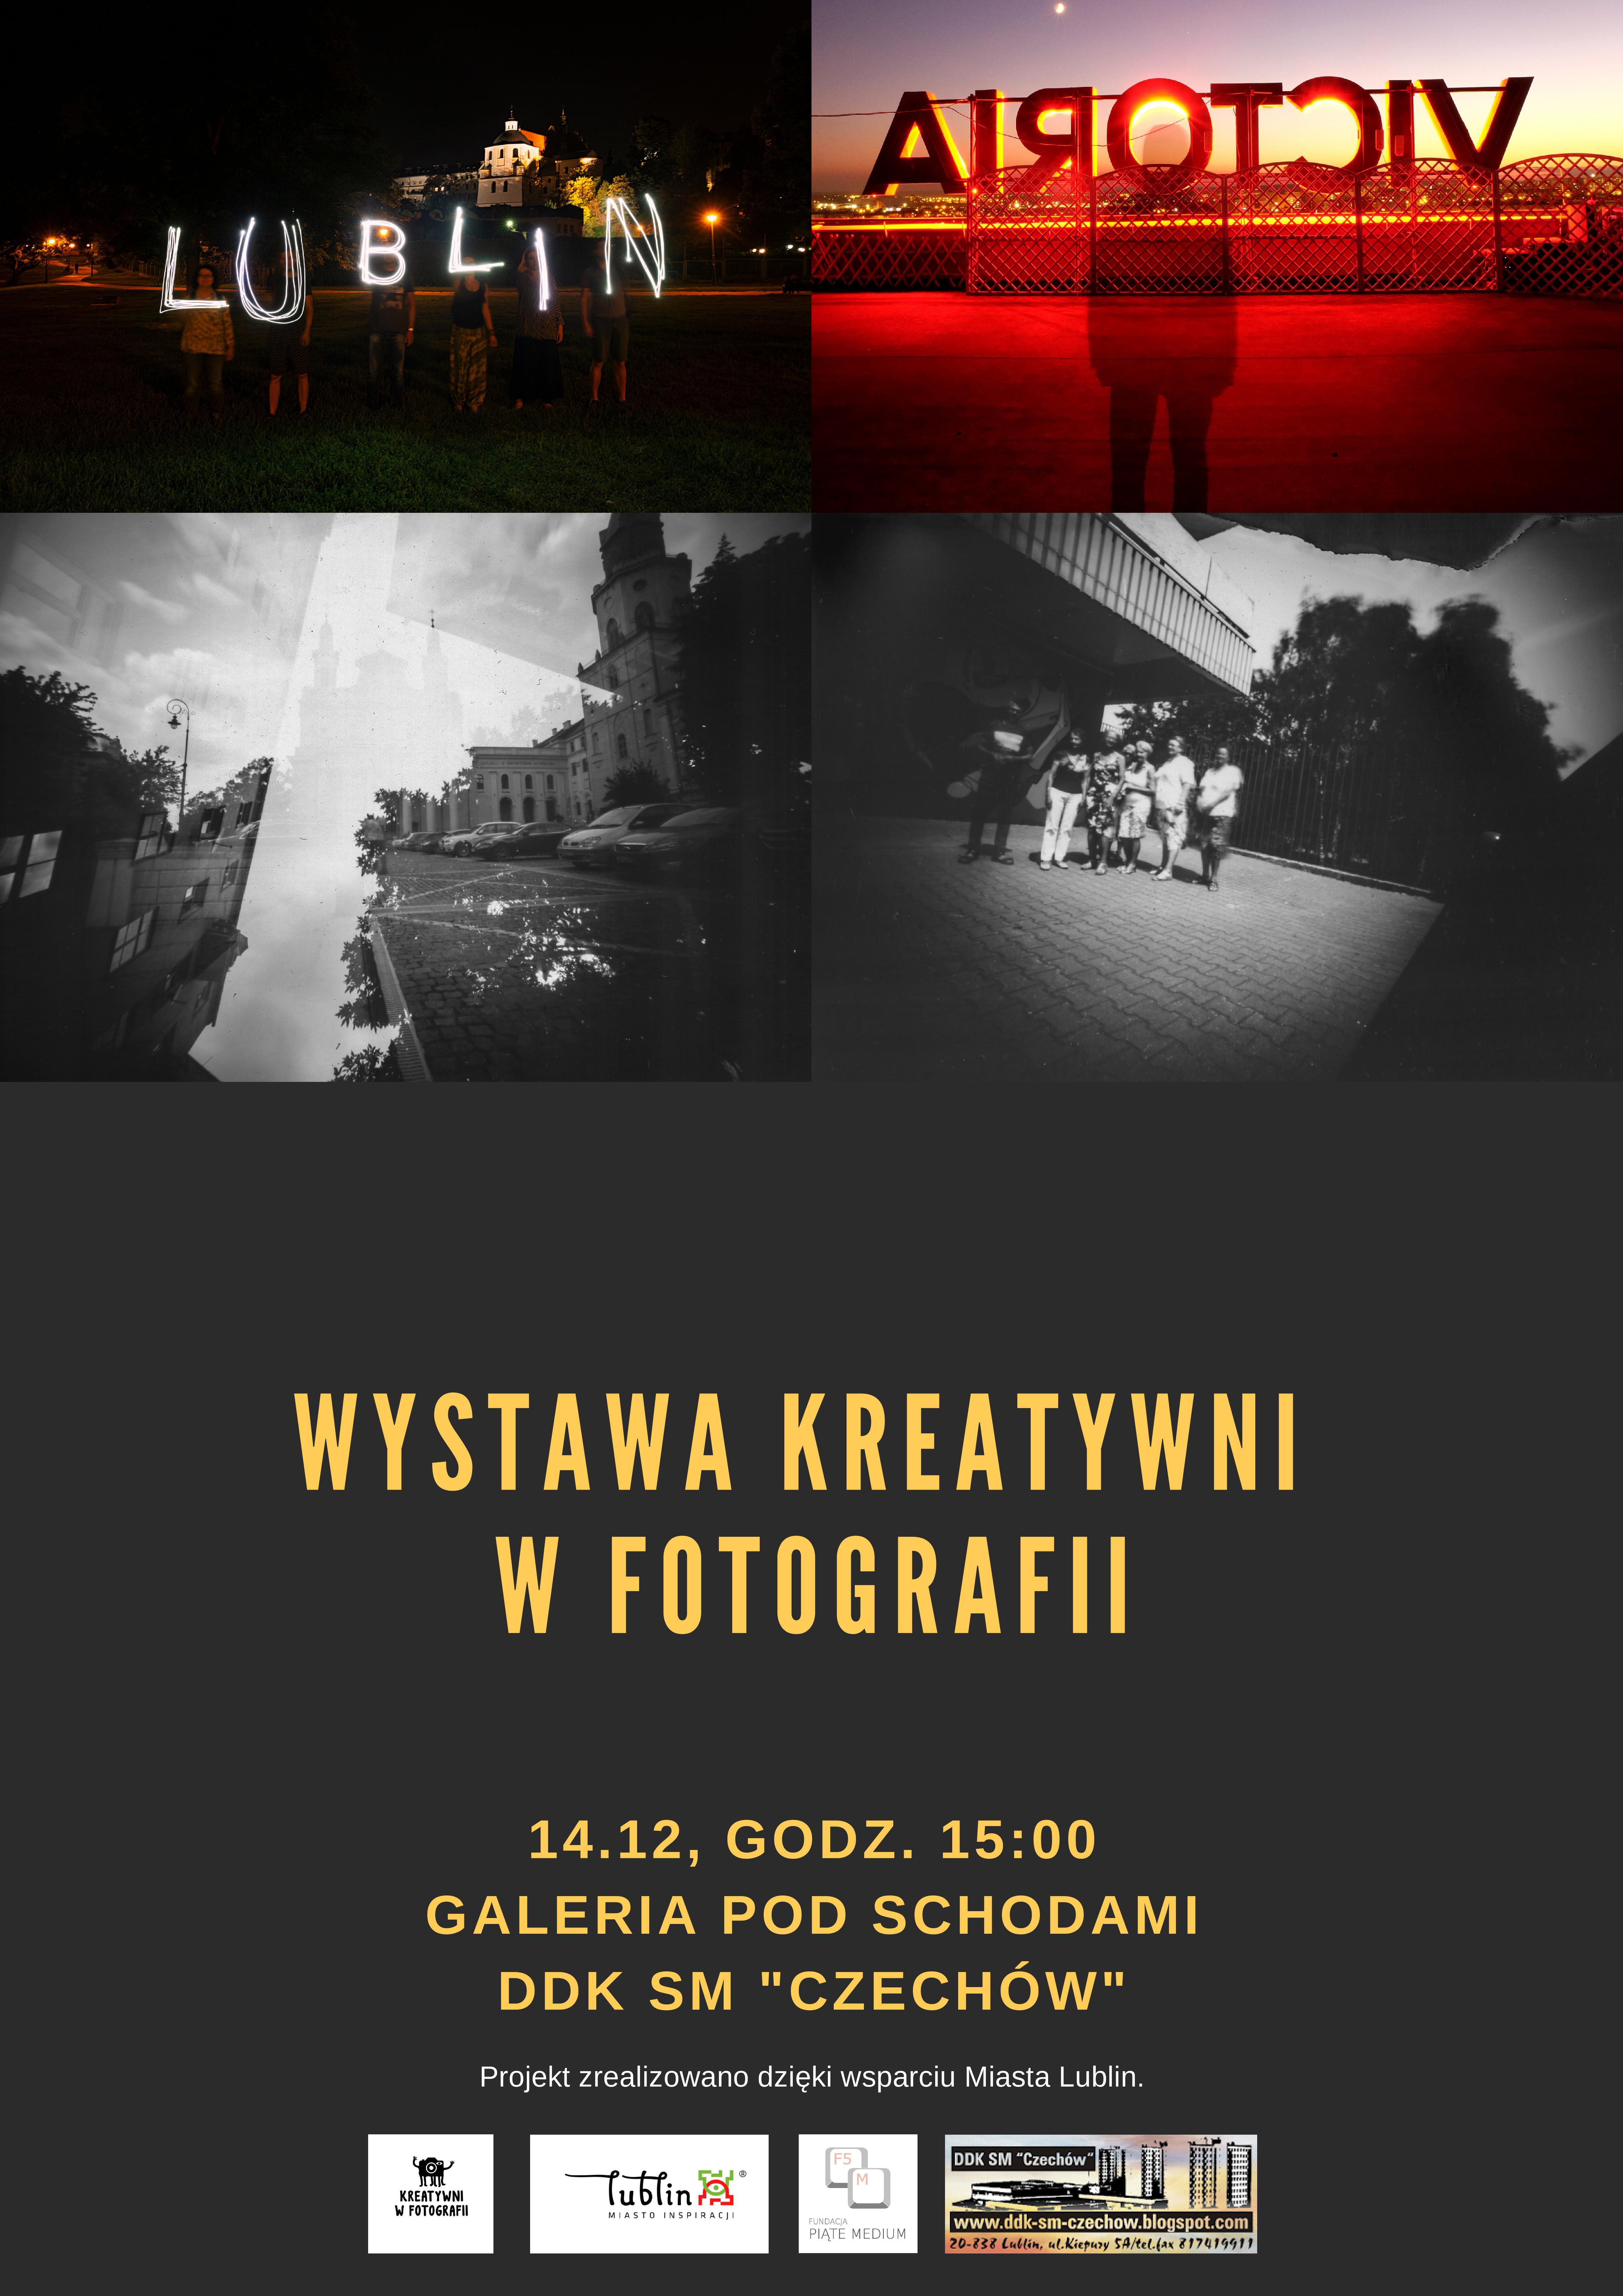 """Wystawa """"Kreatywni wfotografii"""""""